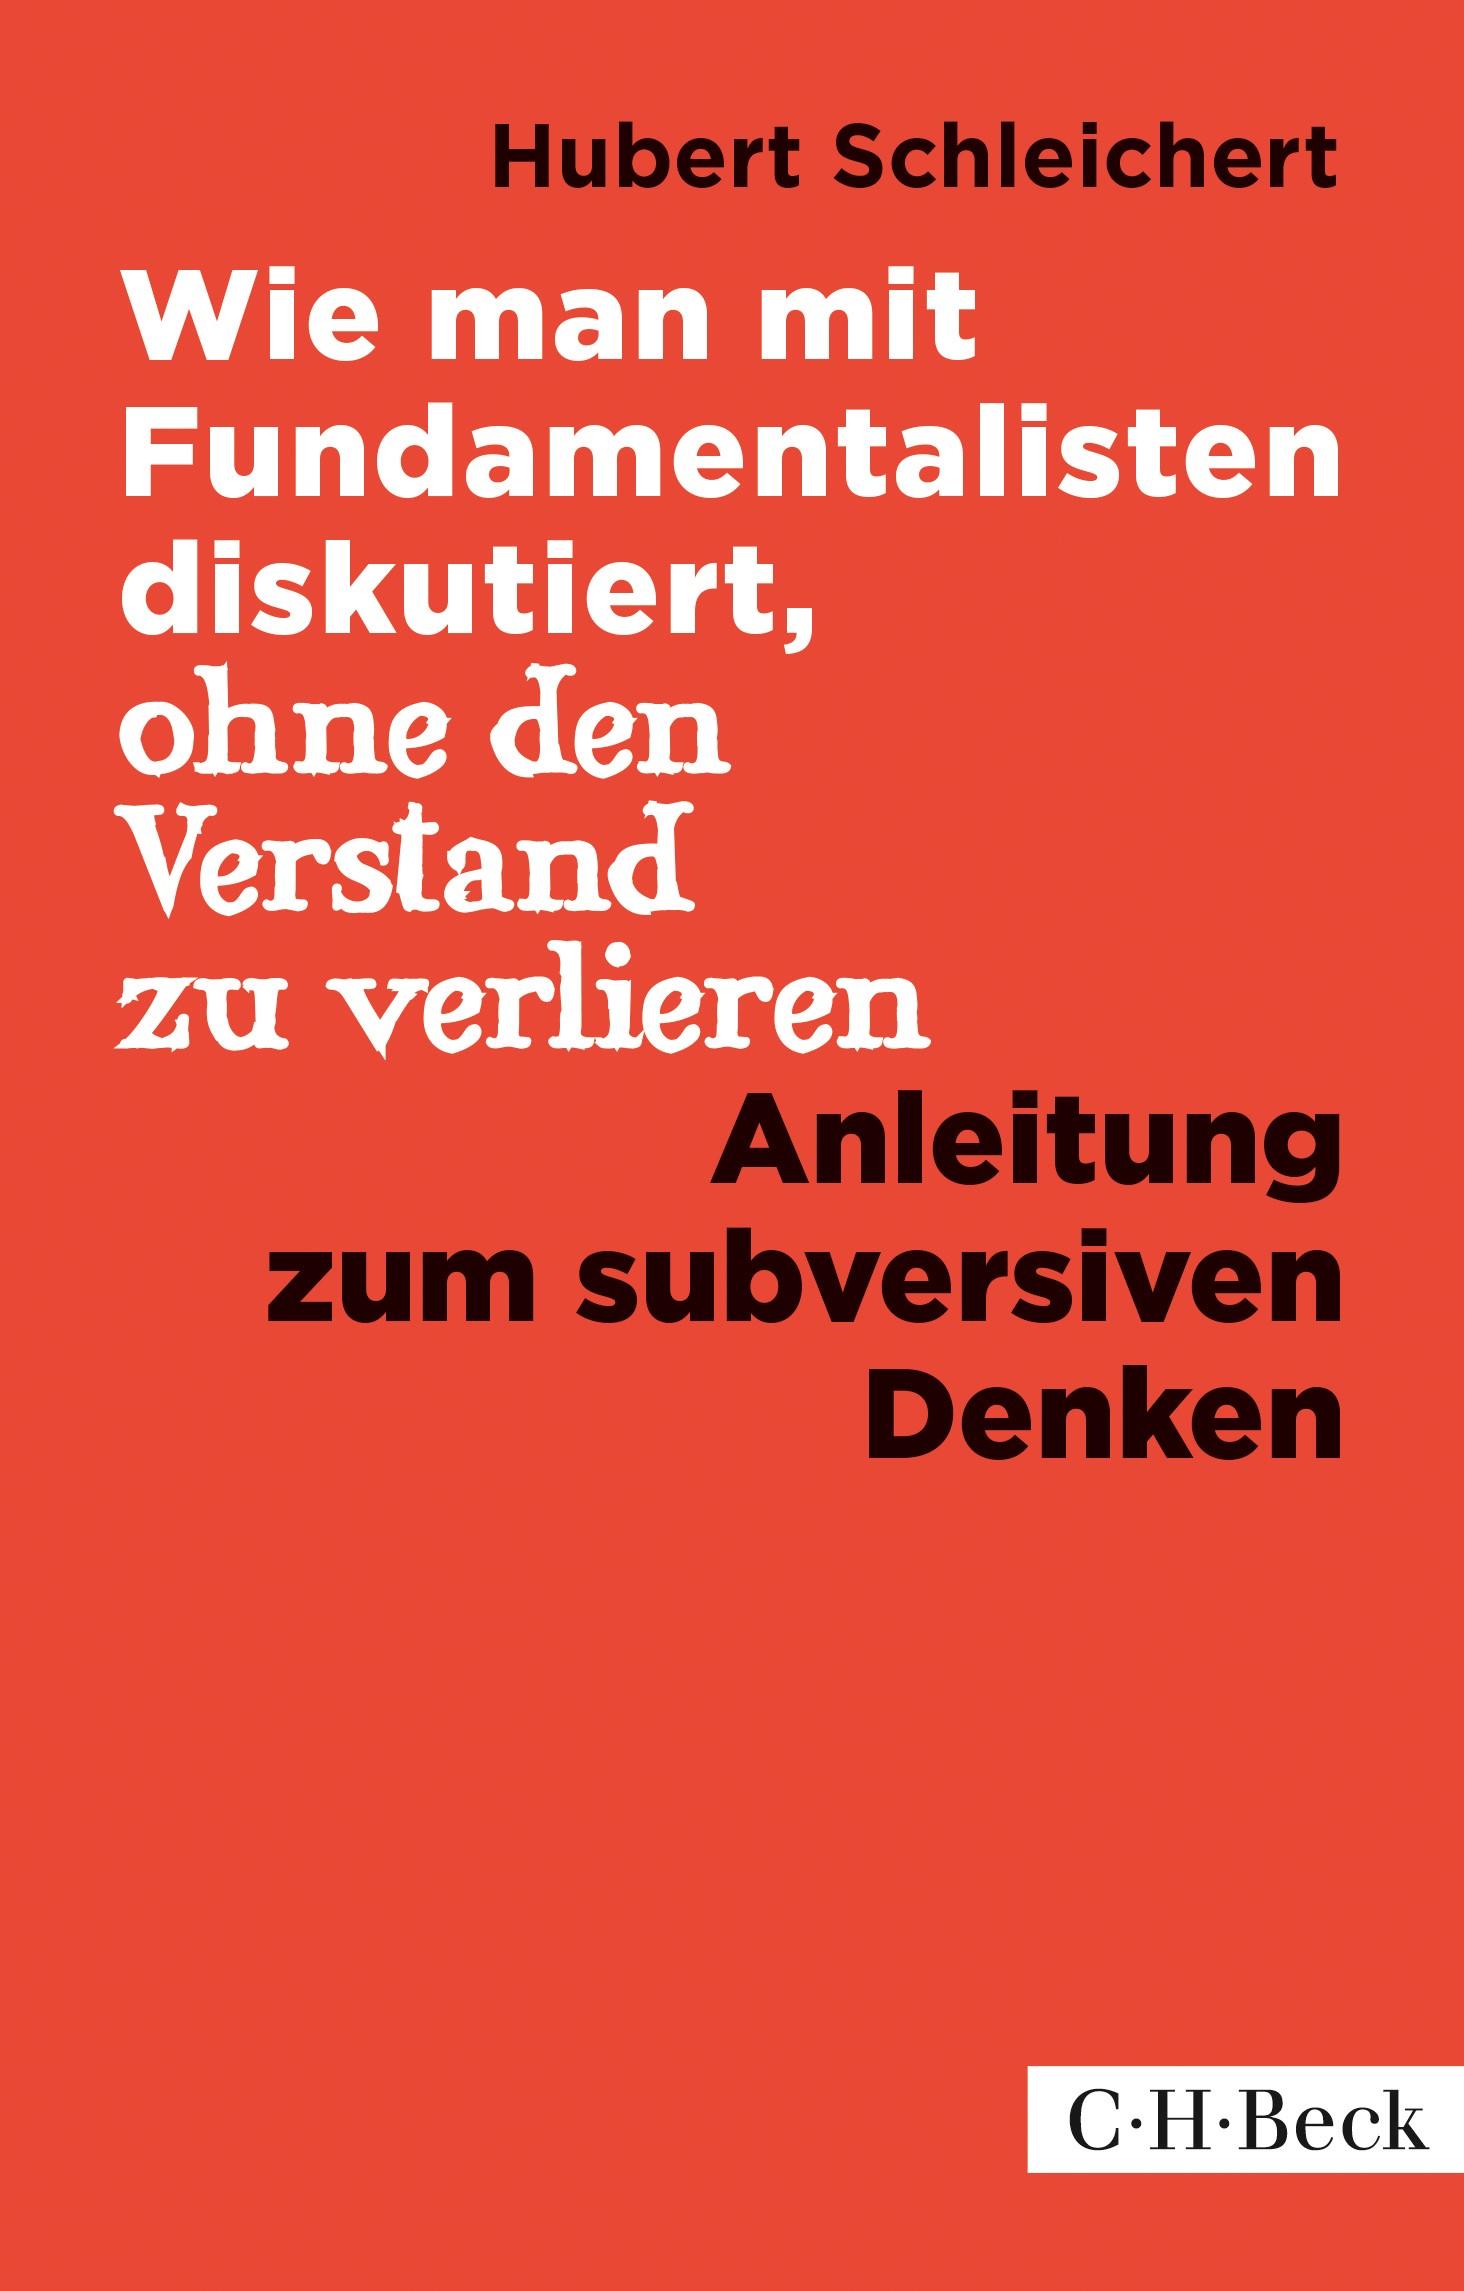 Cover des Buches 'Wie man mit Fundamentalisten diskutiert, ohne den Verstand zu verlieren'